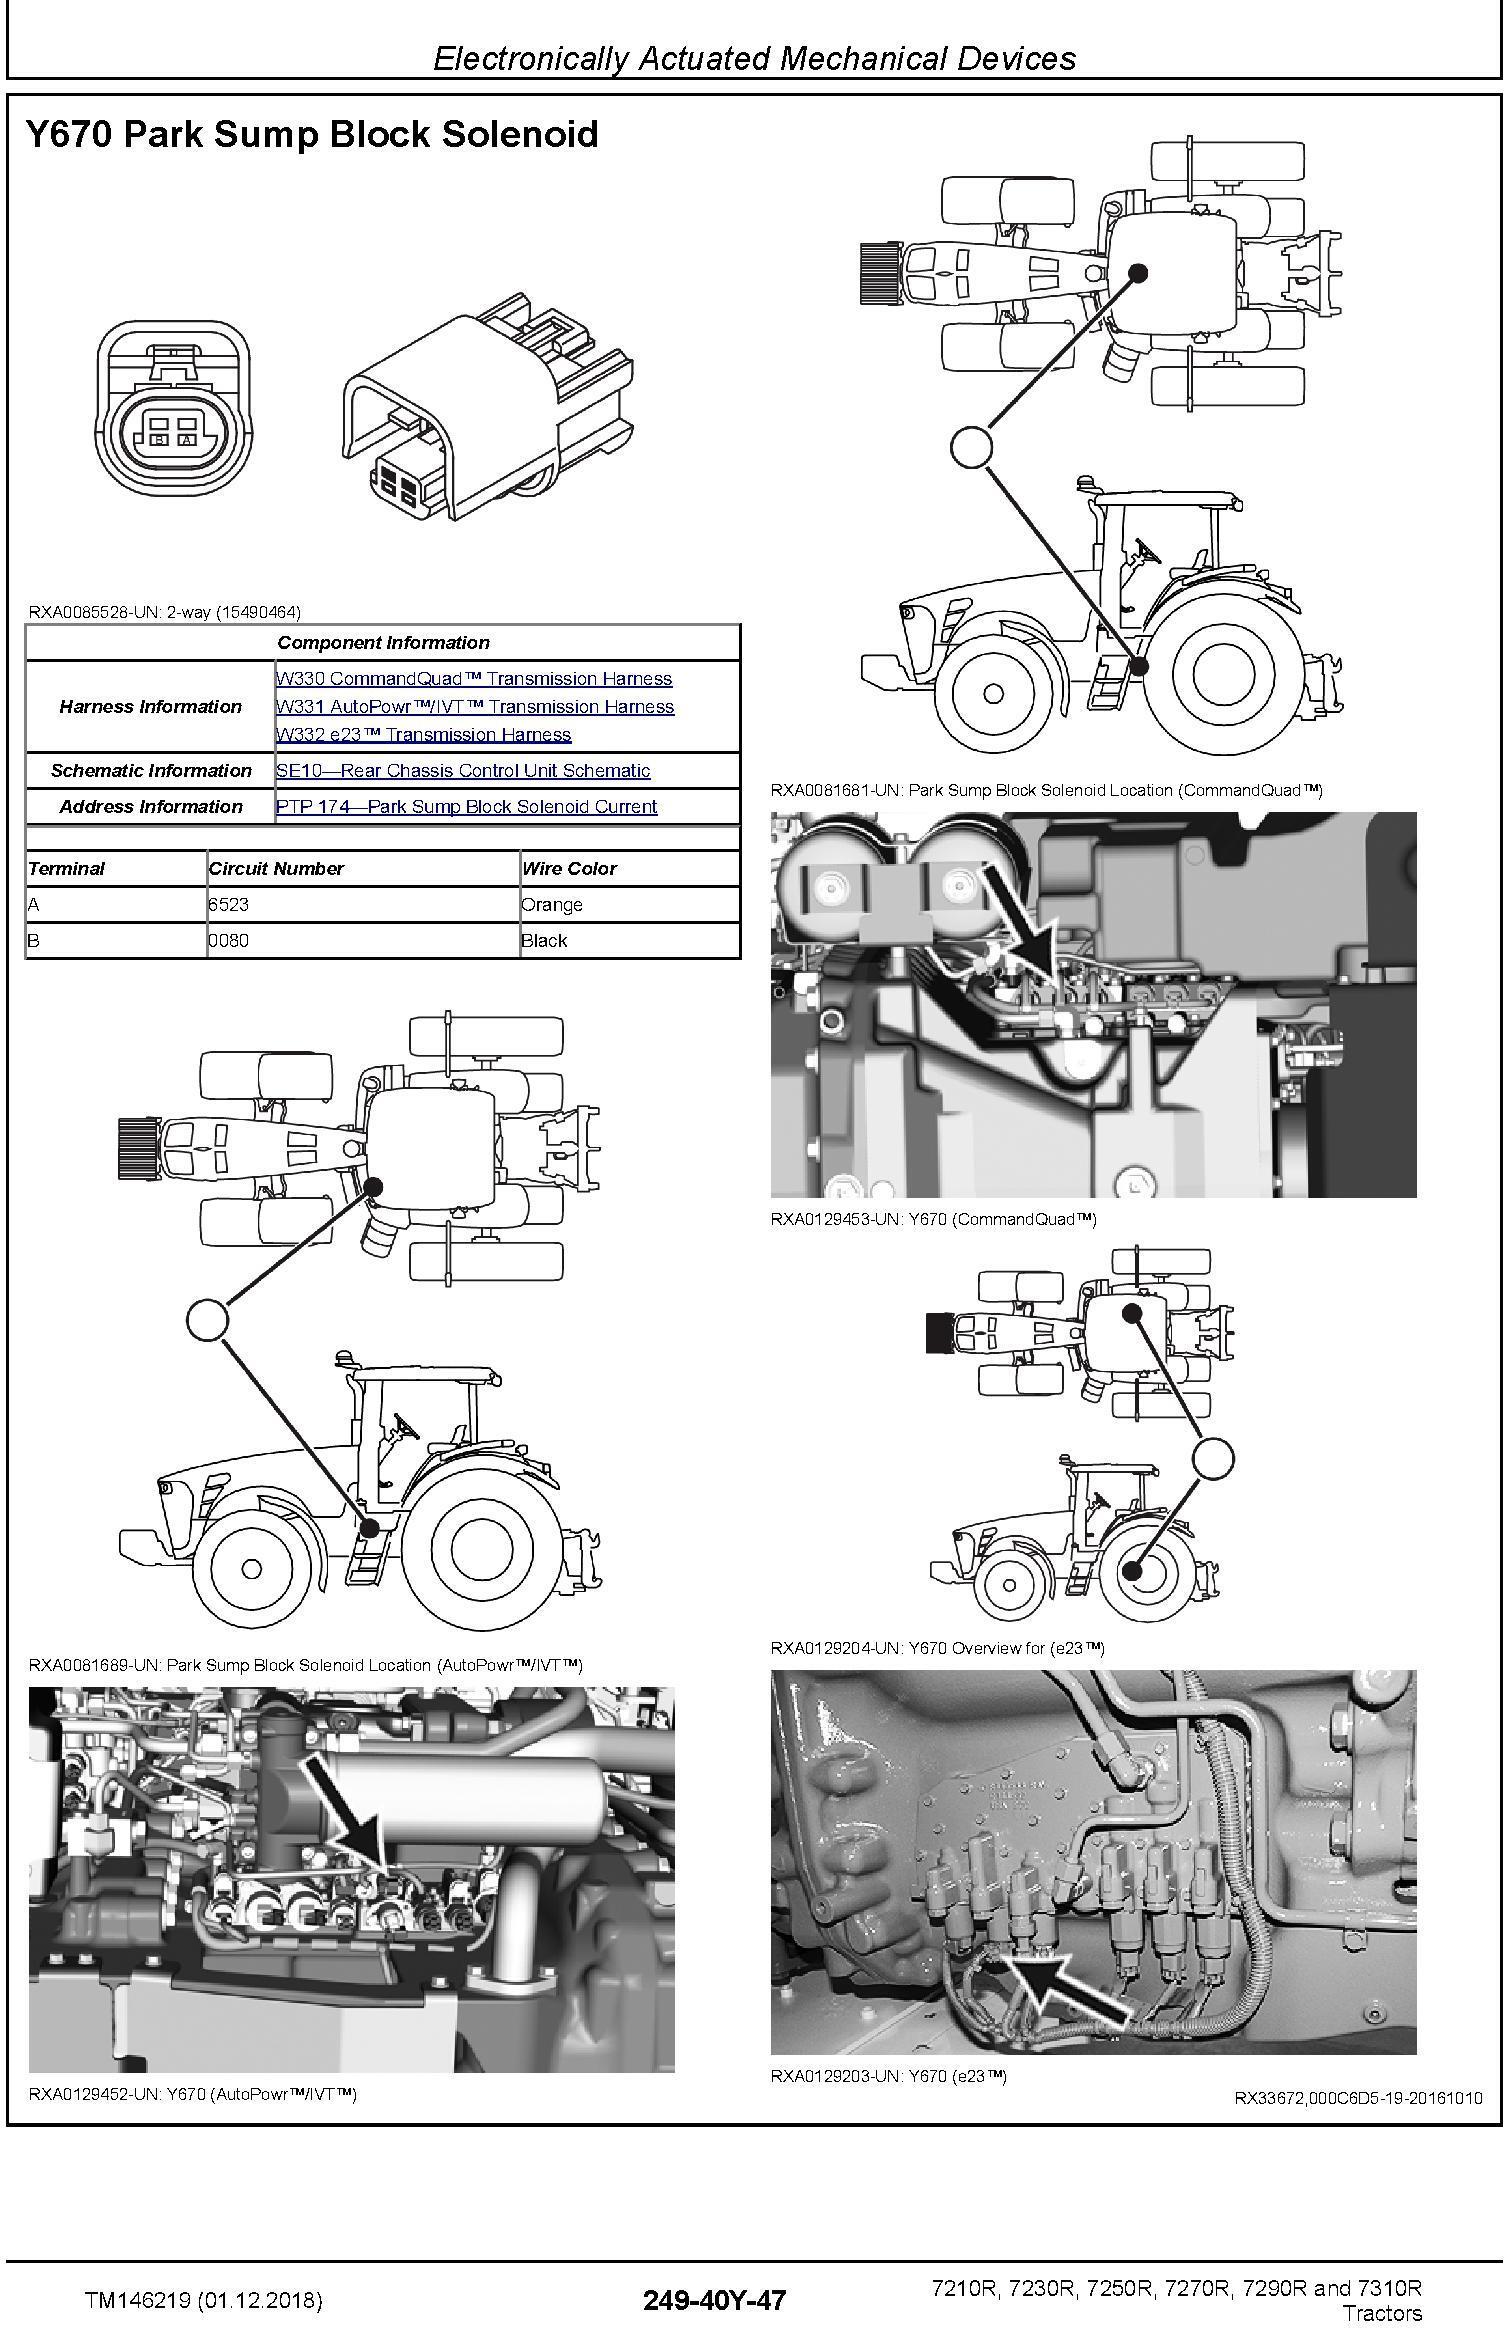 John Deere 7210R, 7230R, 7250R, 7270R, 7290R, 7310R Tractors Diagnostic Technical Manual (TM146219) - 1